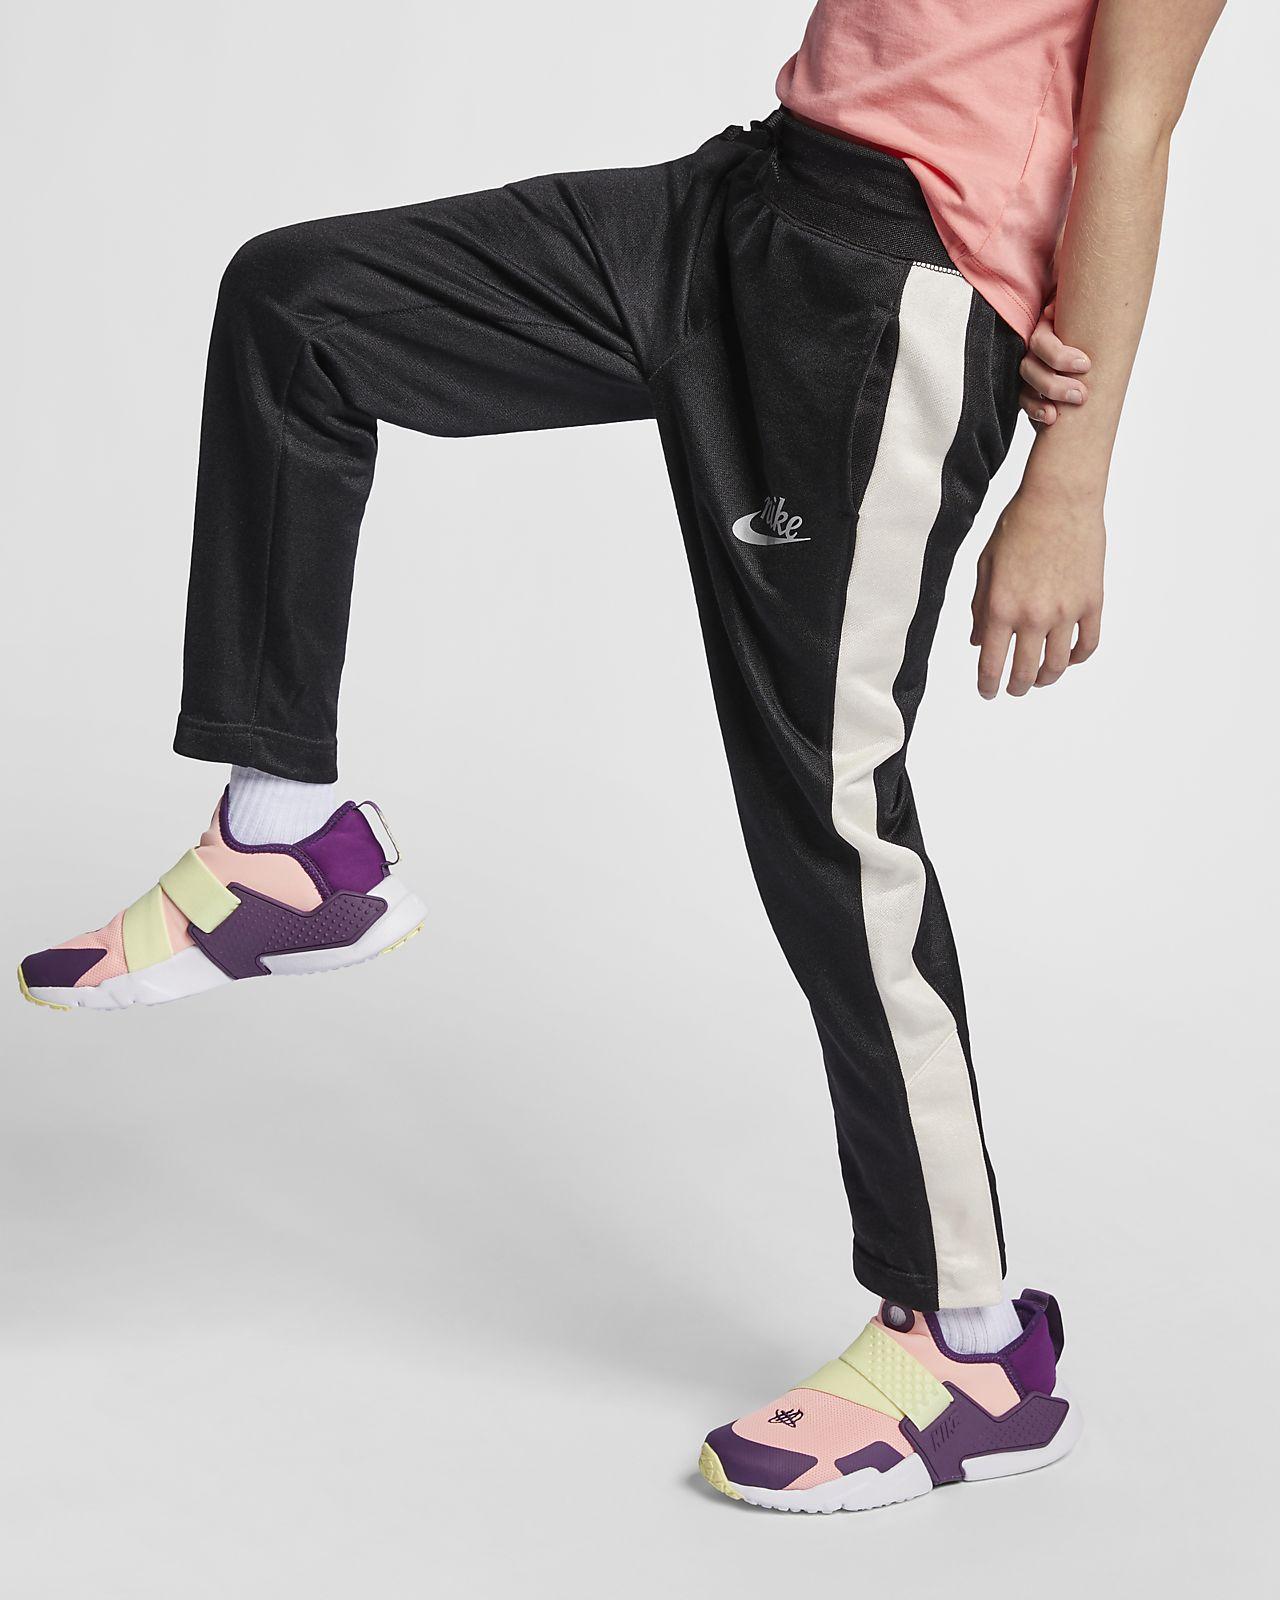 Fleecebyxor Nike Sportswear för ungdom (tjejer)